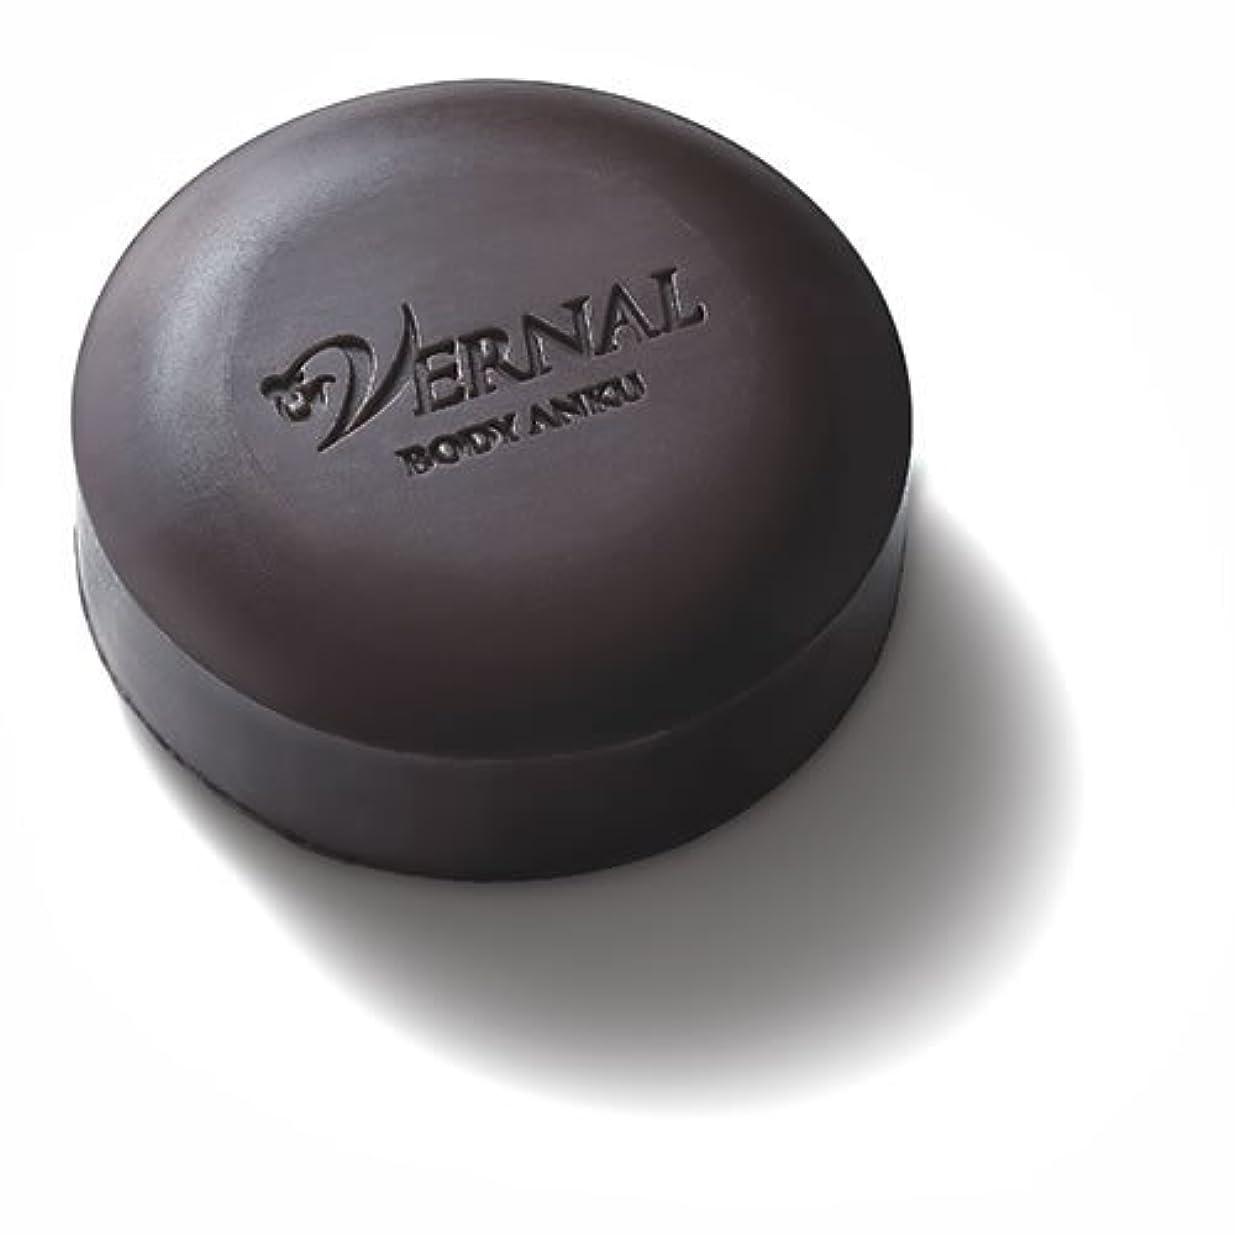 モディッシュ飲み込む地球ボディアンク/ヴァーナル ボディ用 石鹸 デオドラント